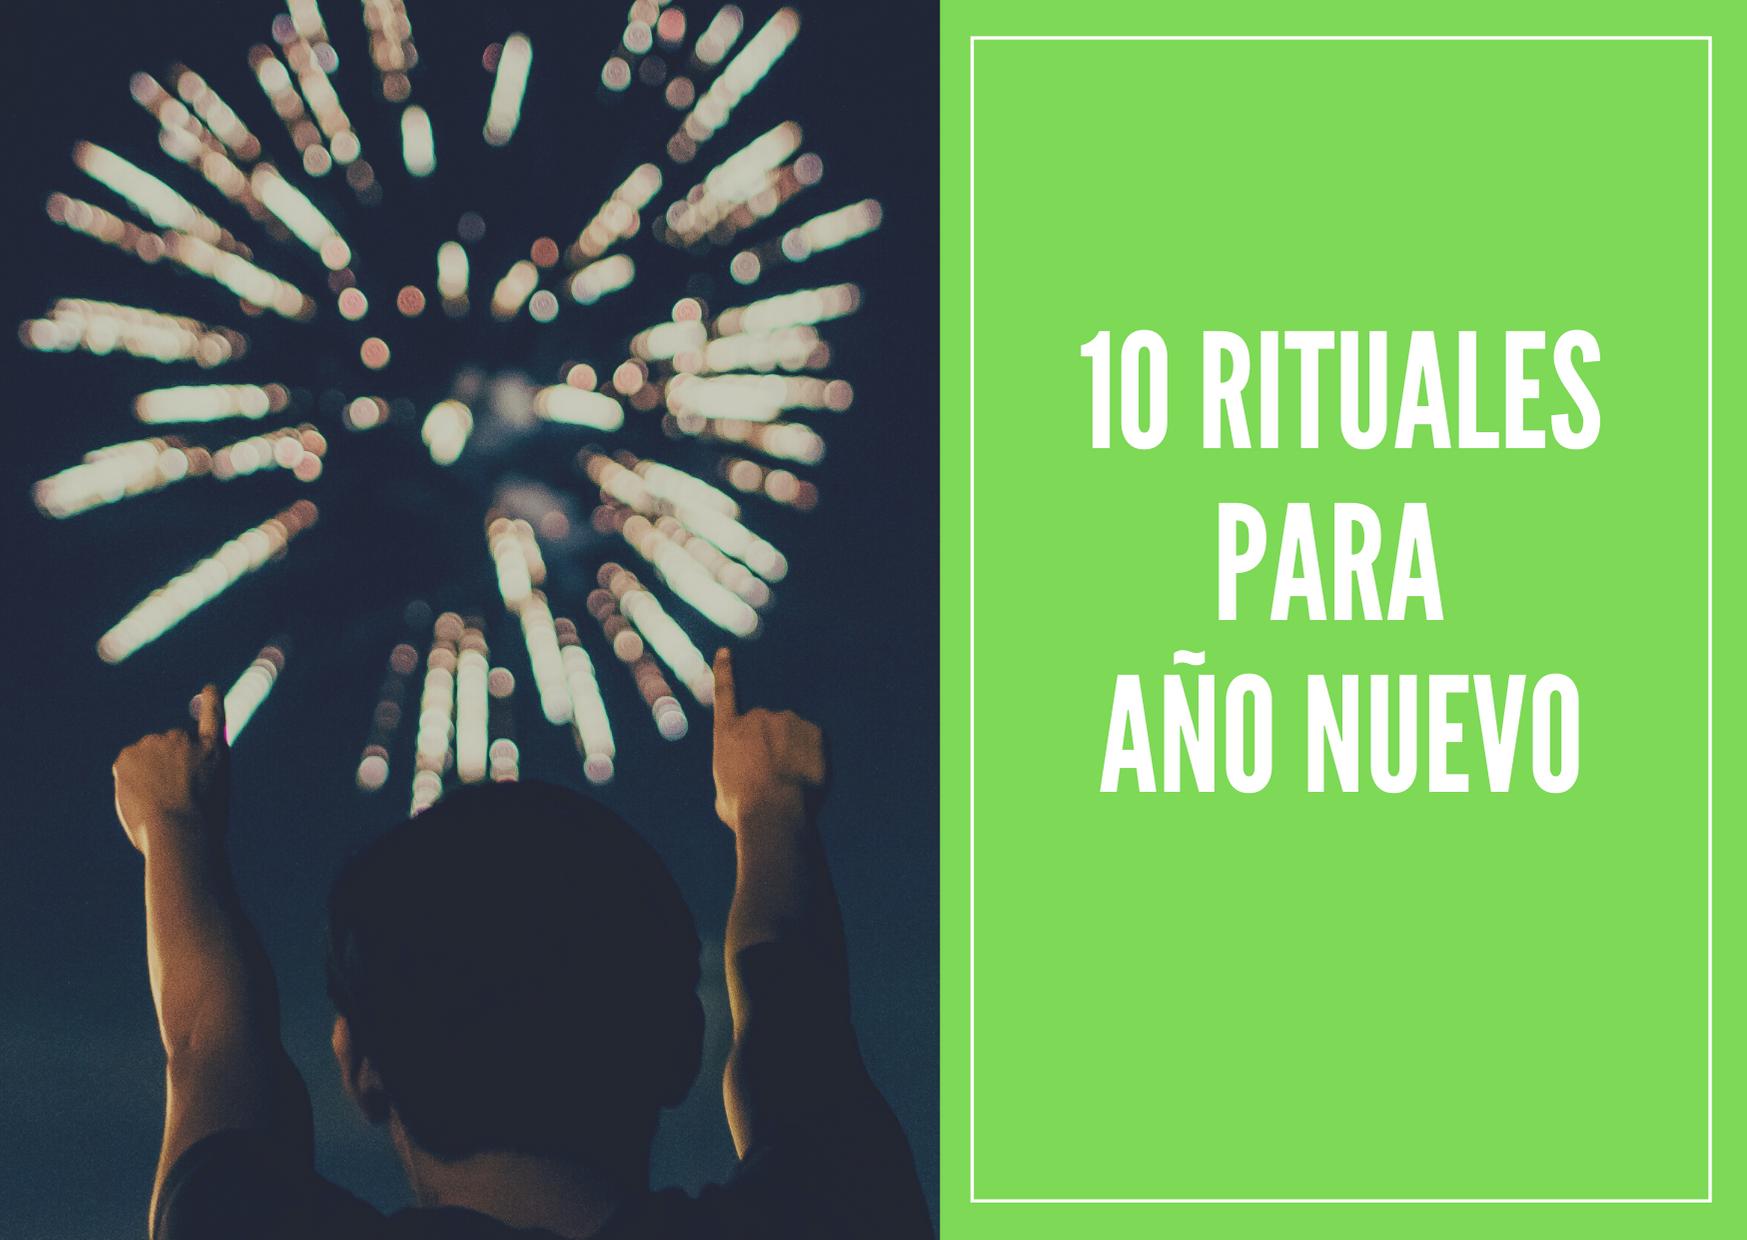 10 rituales de año nuevo